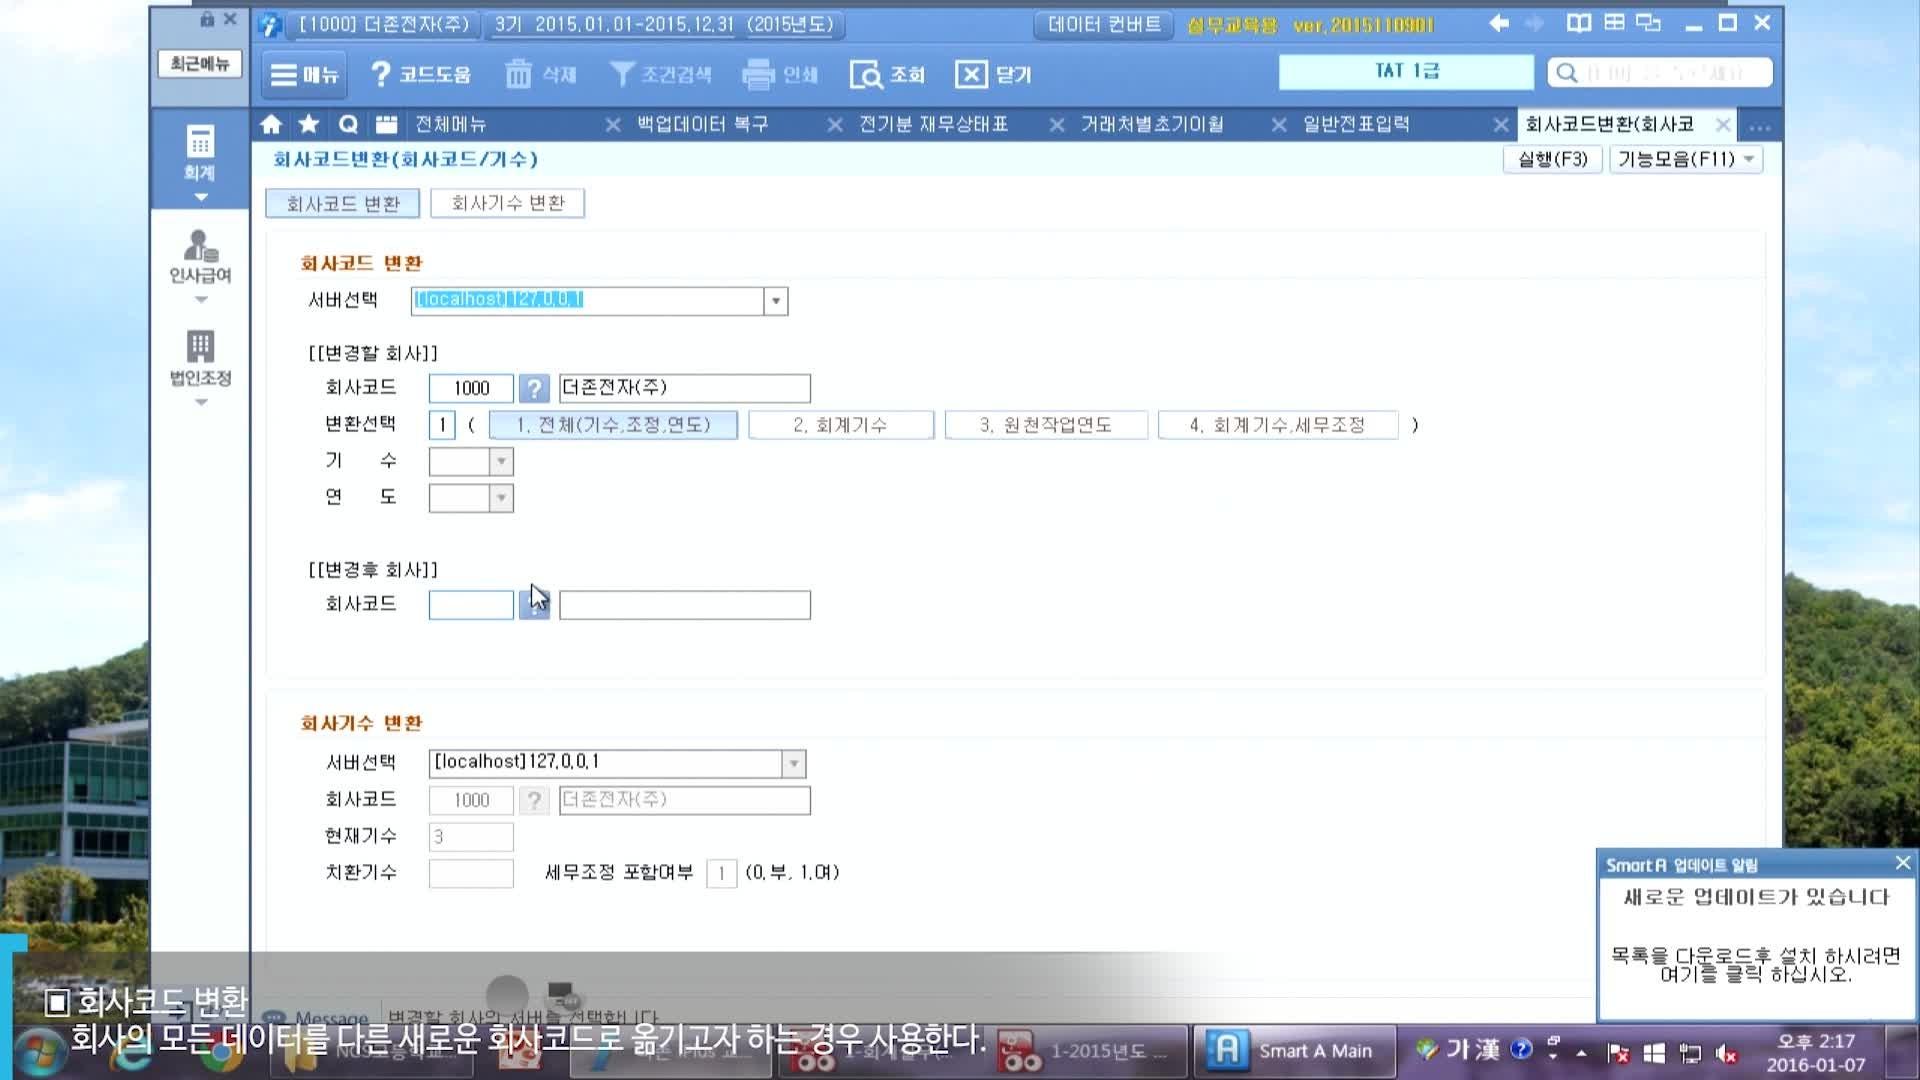 2차시 일반전표입력-프로그램 기능 사용방법&출장비 입력